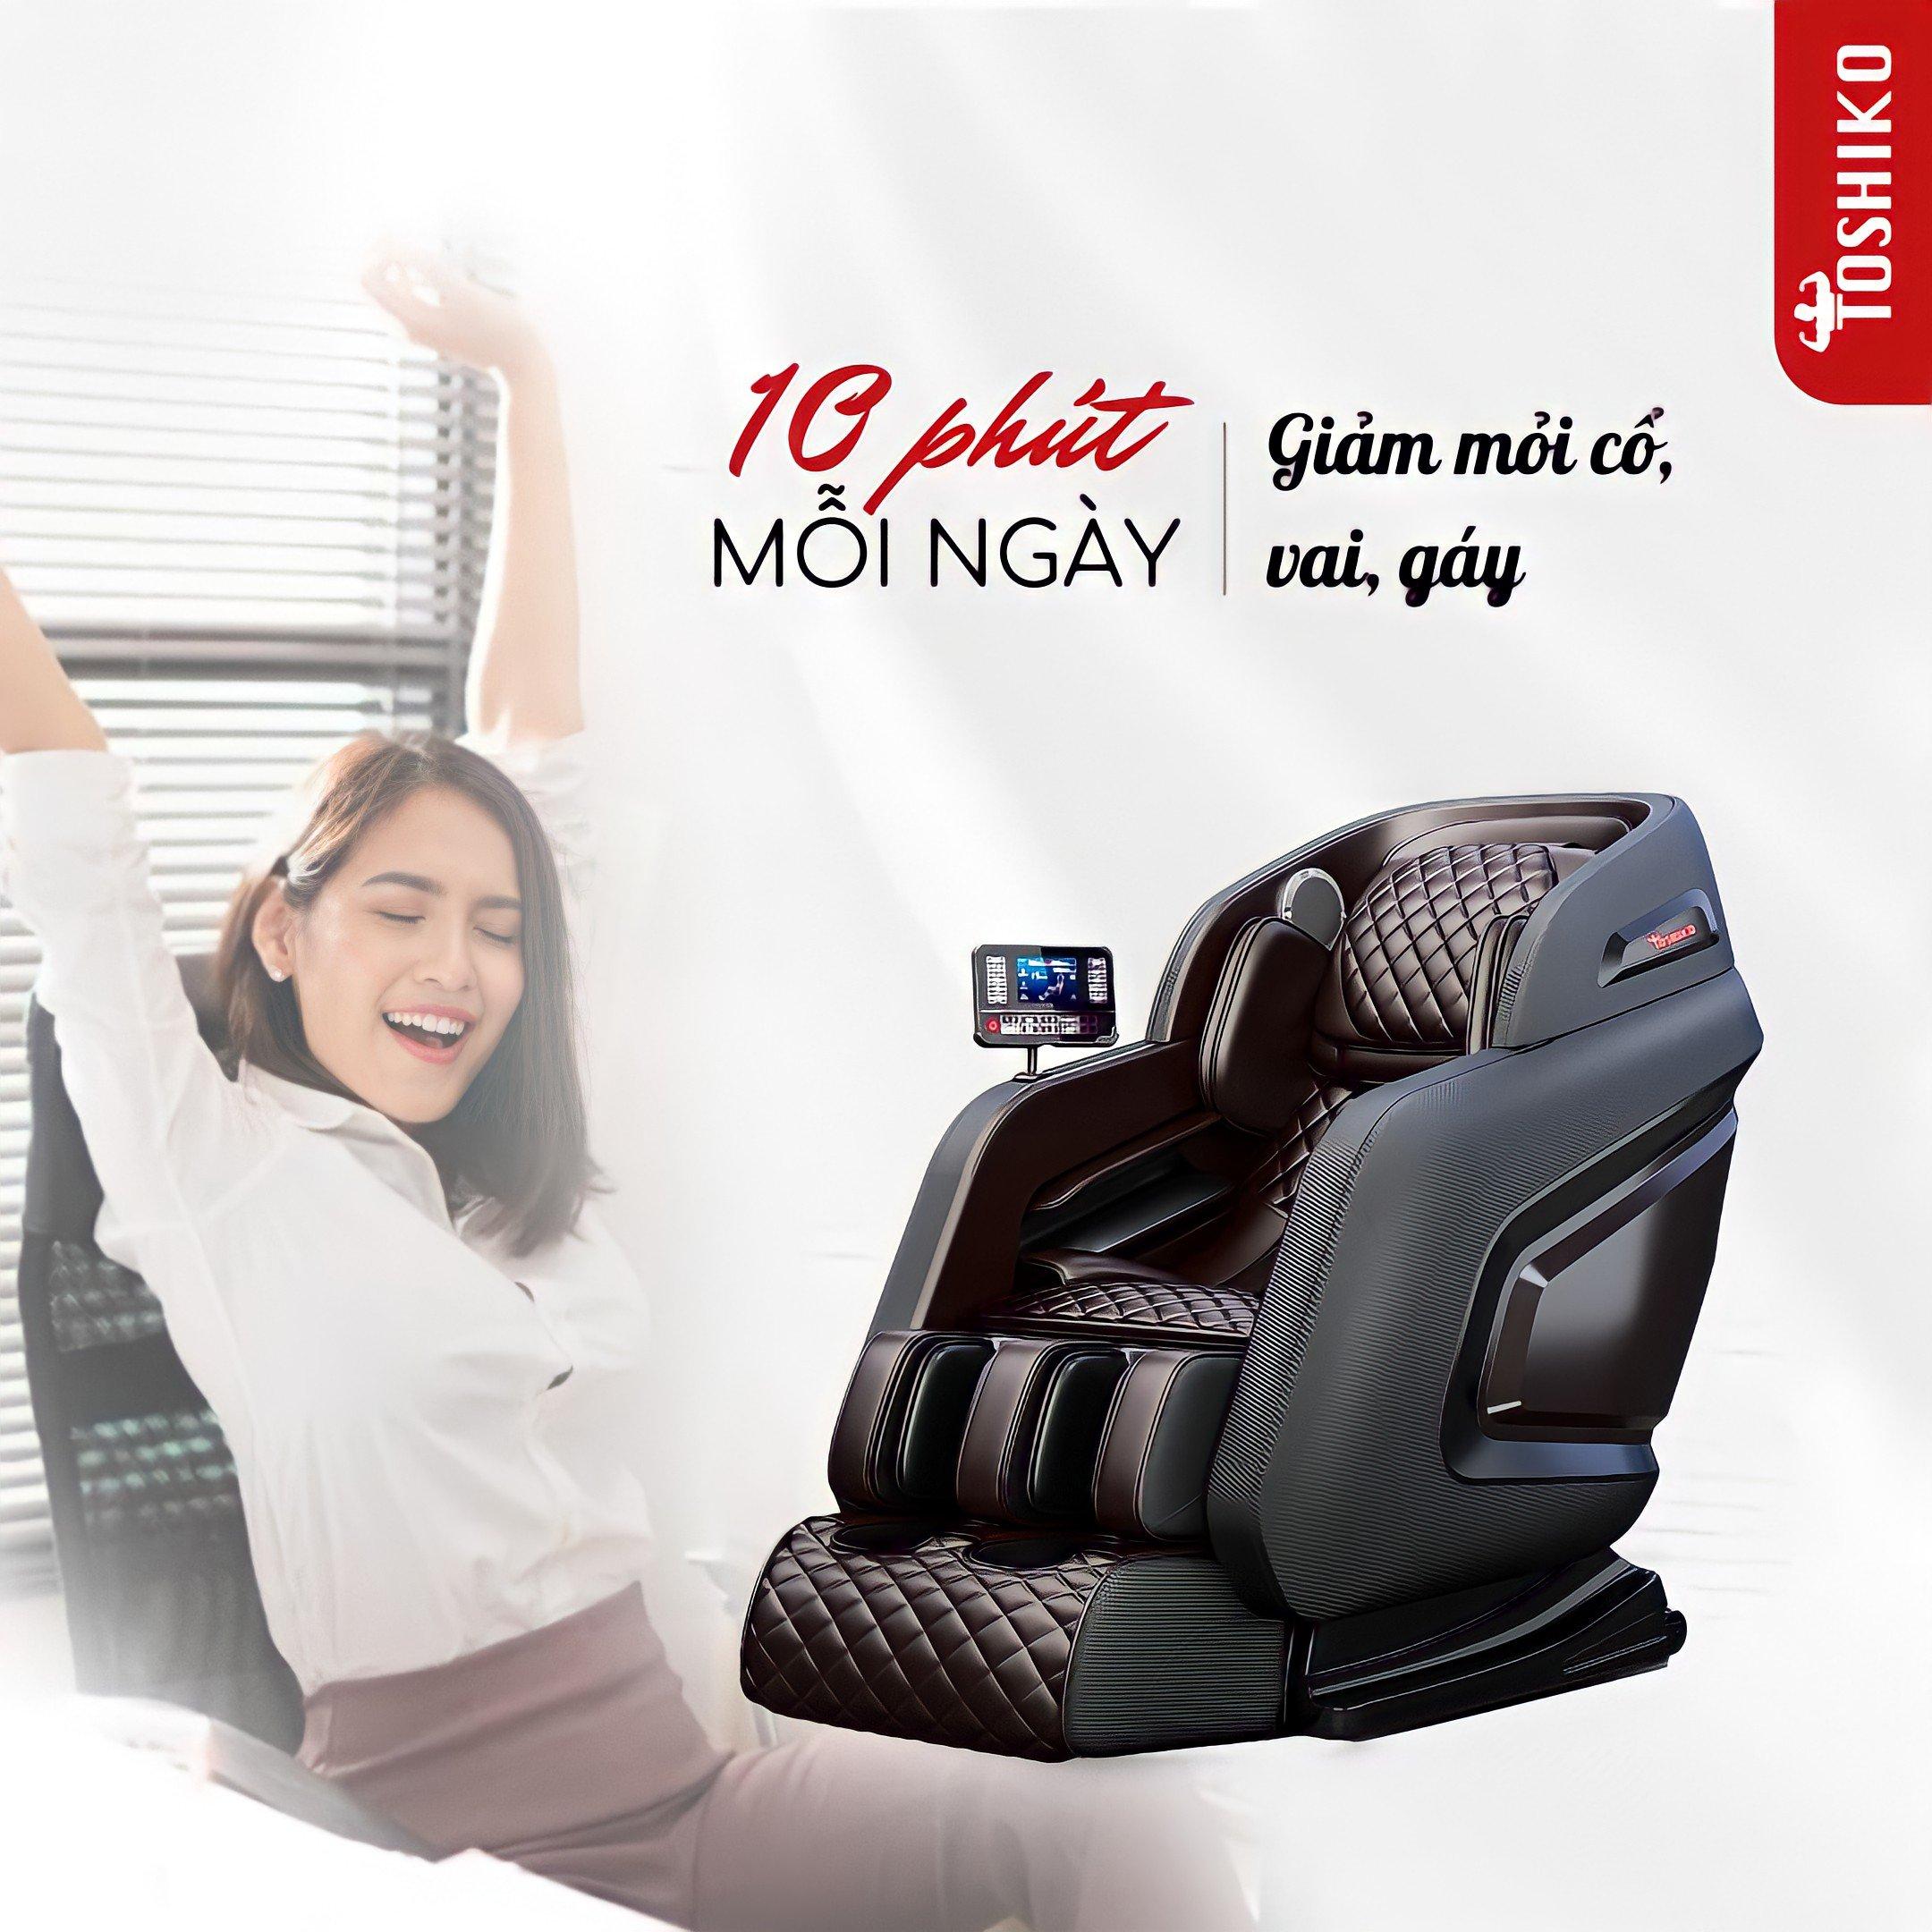 Mua ghế massage toàn thân tại Toshiko-2